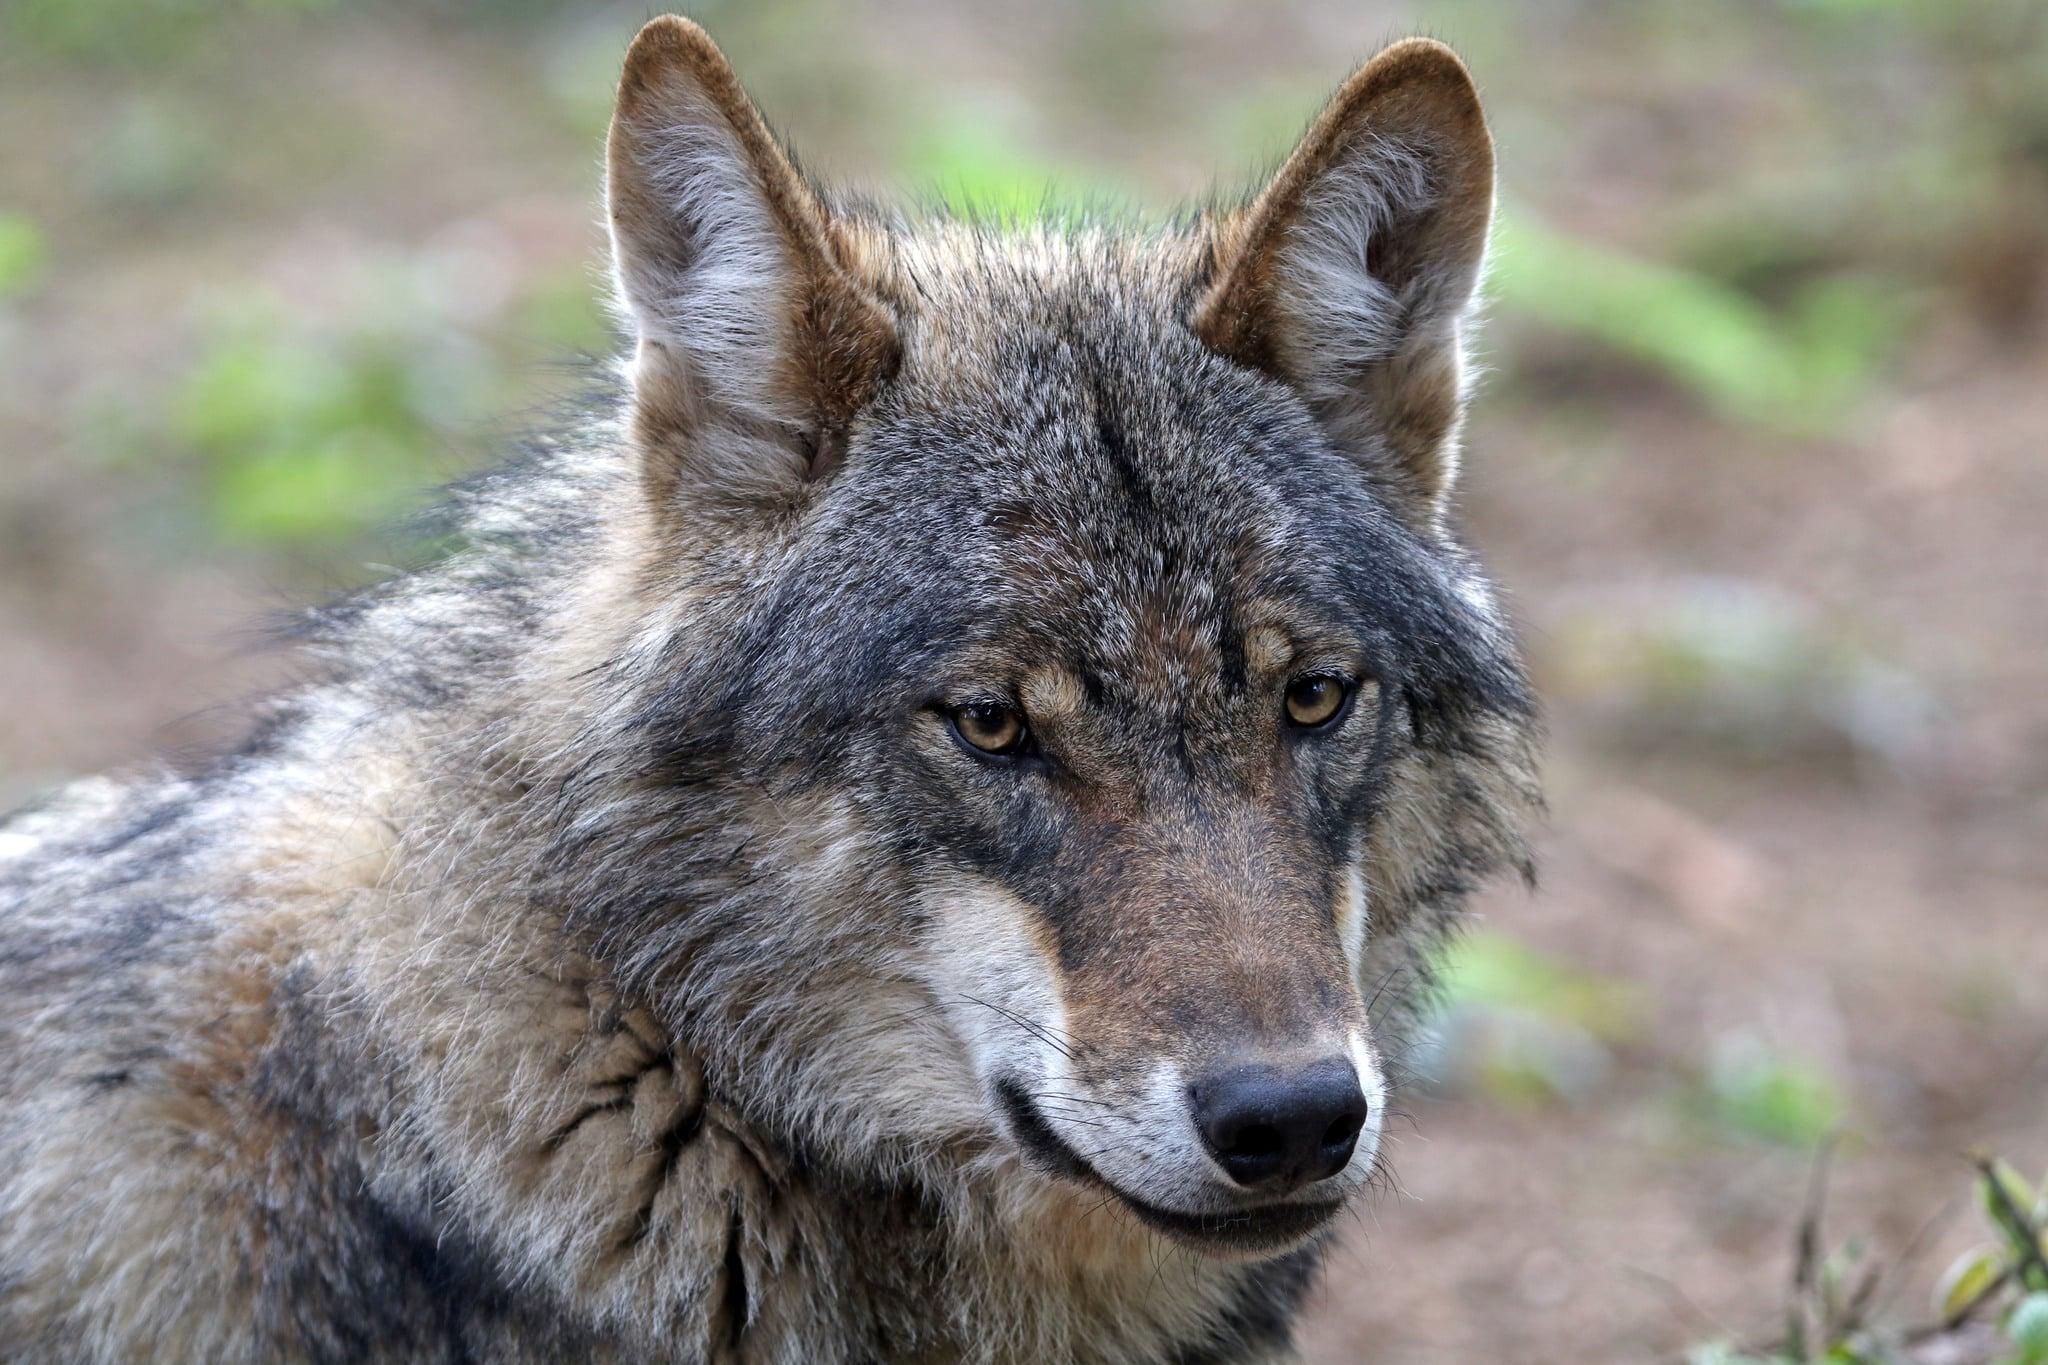 Vargfrågan är den viktigaste jaktfrågan för den kommande regeringen att ta tag i, anser besökarna hos Svenskjakt.se